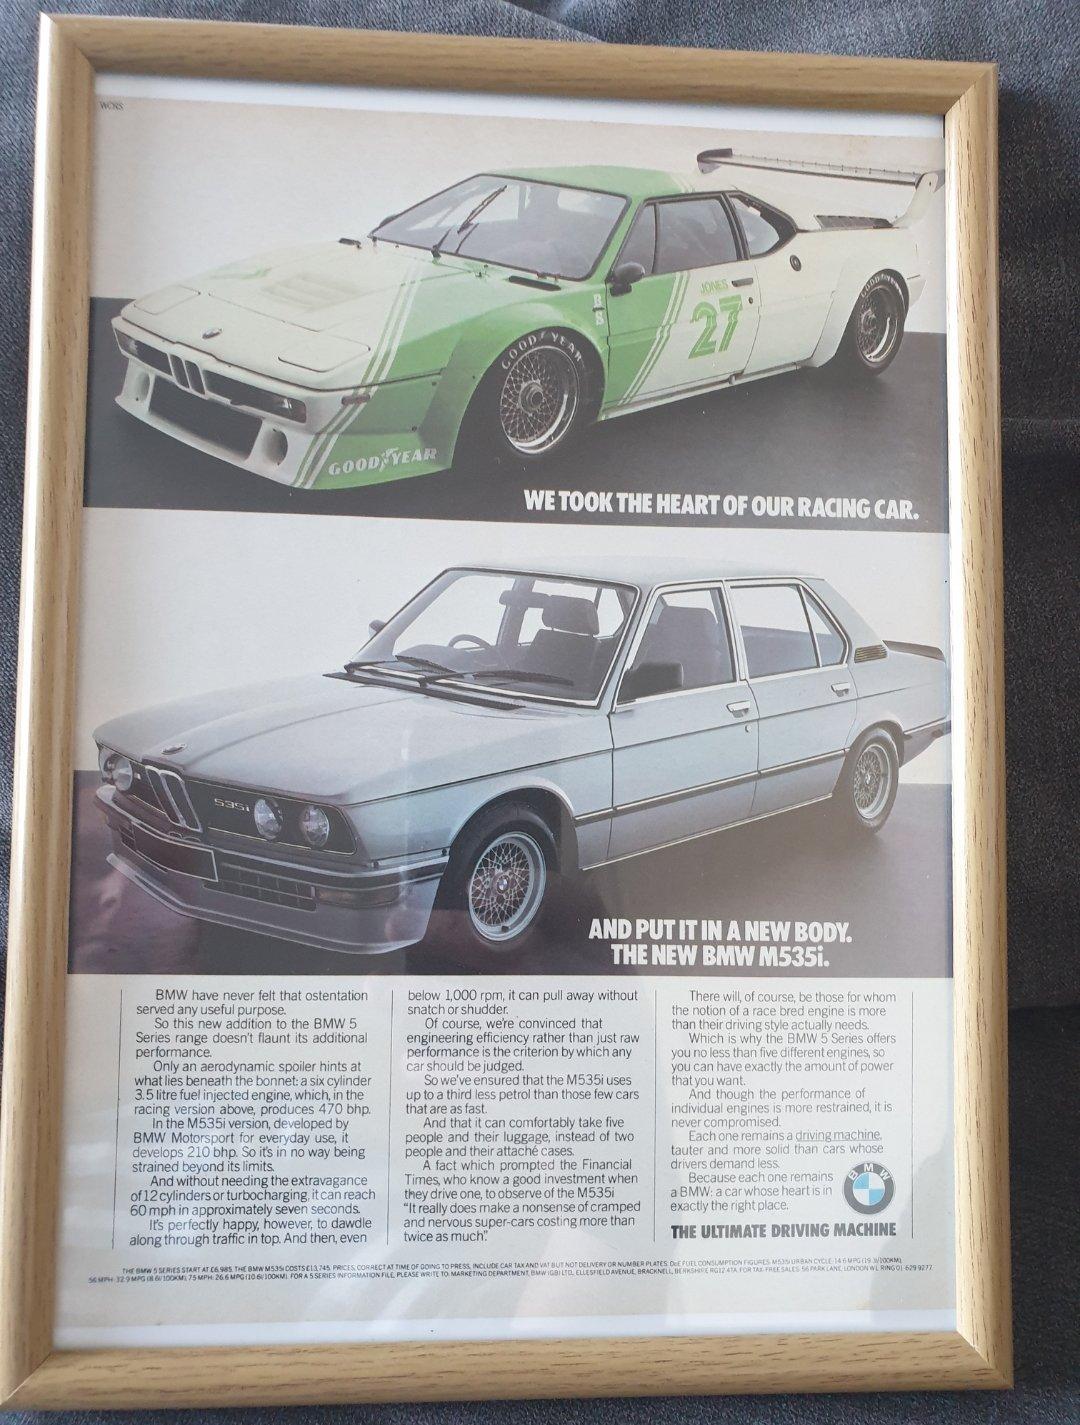 1981 Original BMW 535i Framed Advert For Sale (picture 1 of 2)